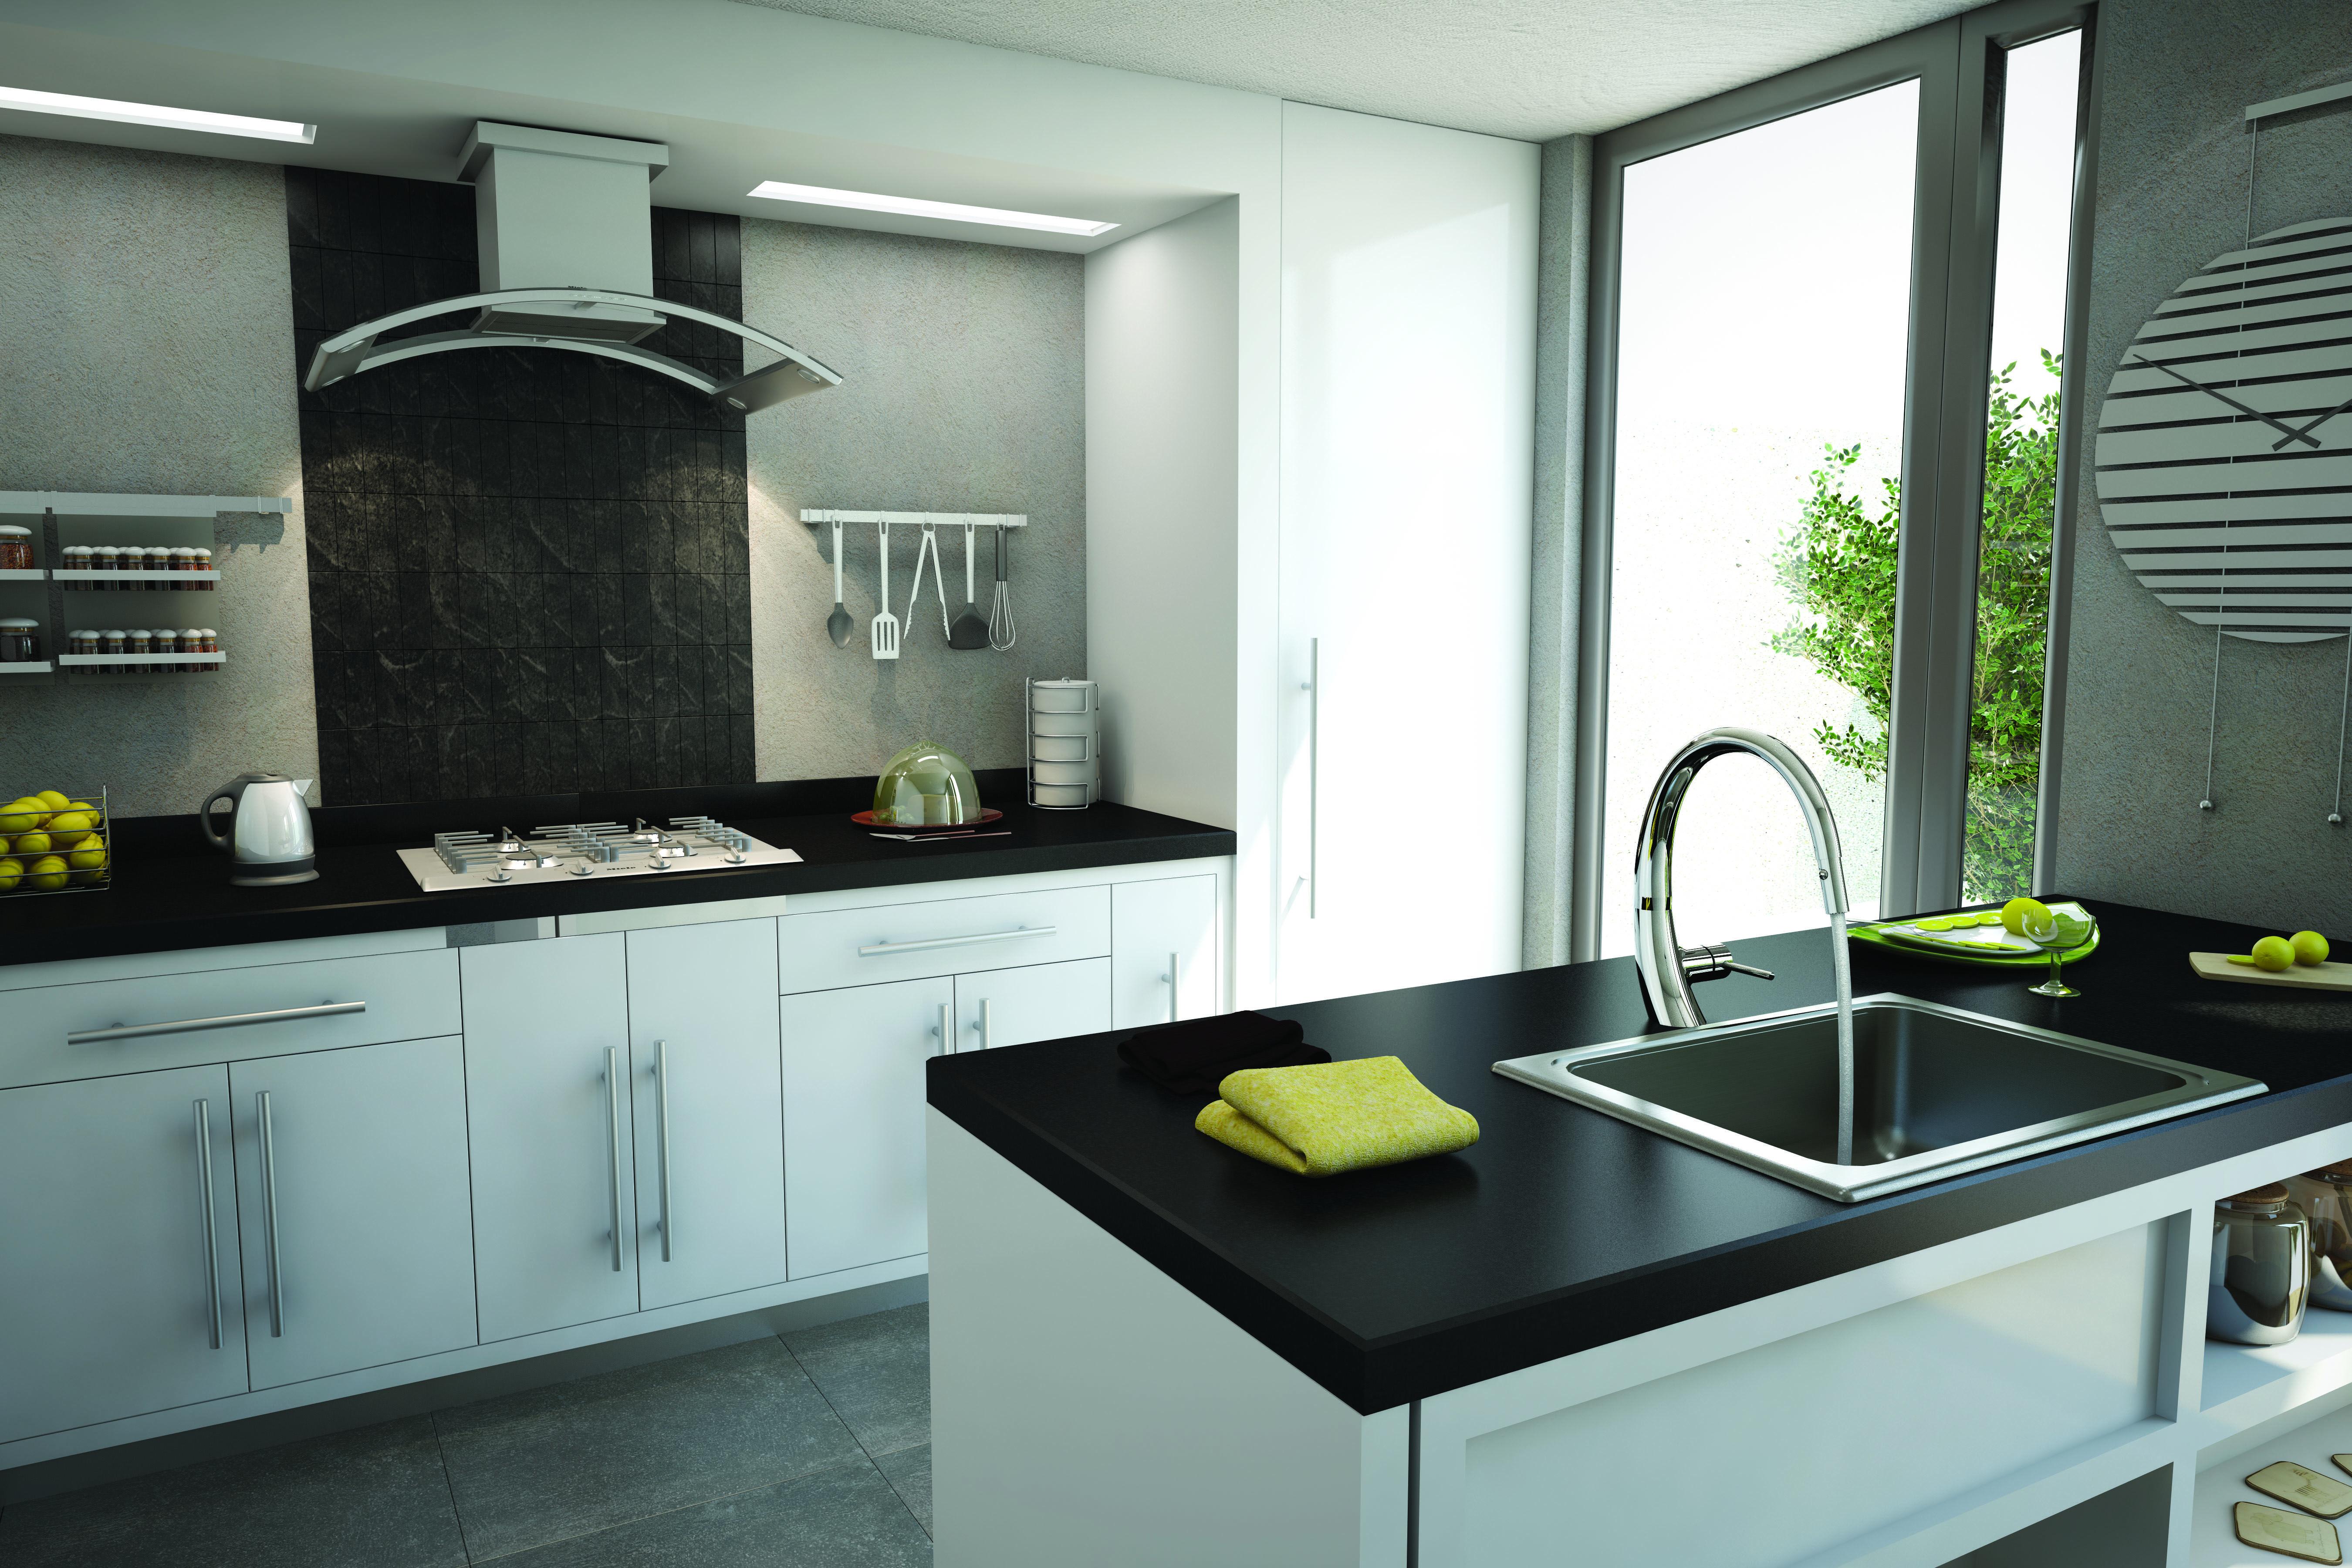 Bonito Grandes Diseños De La Cocina Modelo - Ideas de Decoración de ...